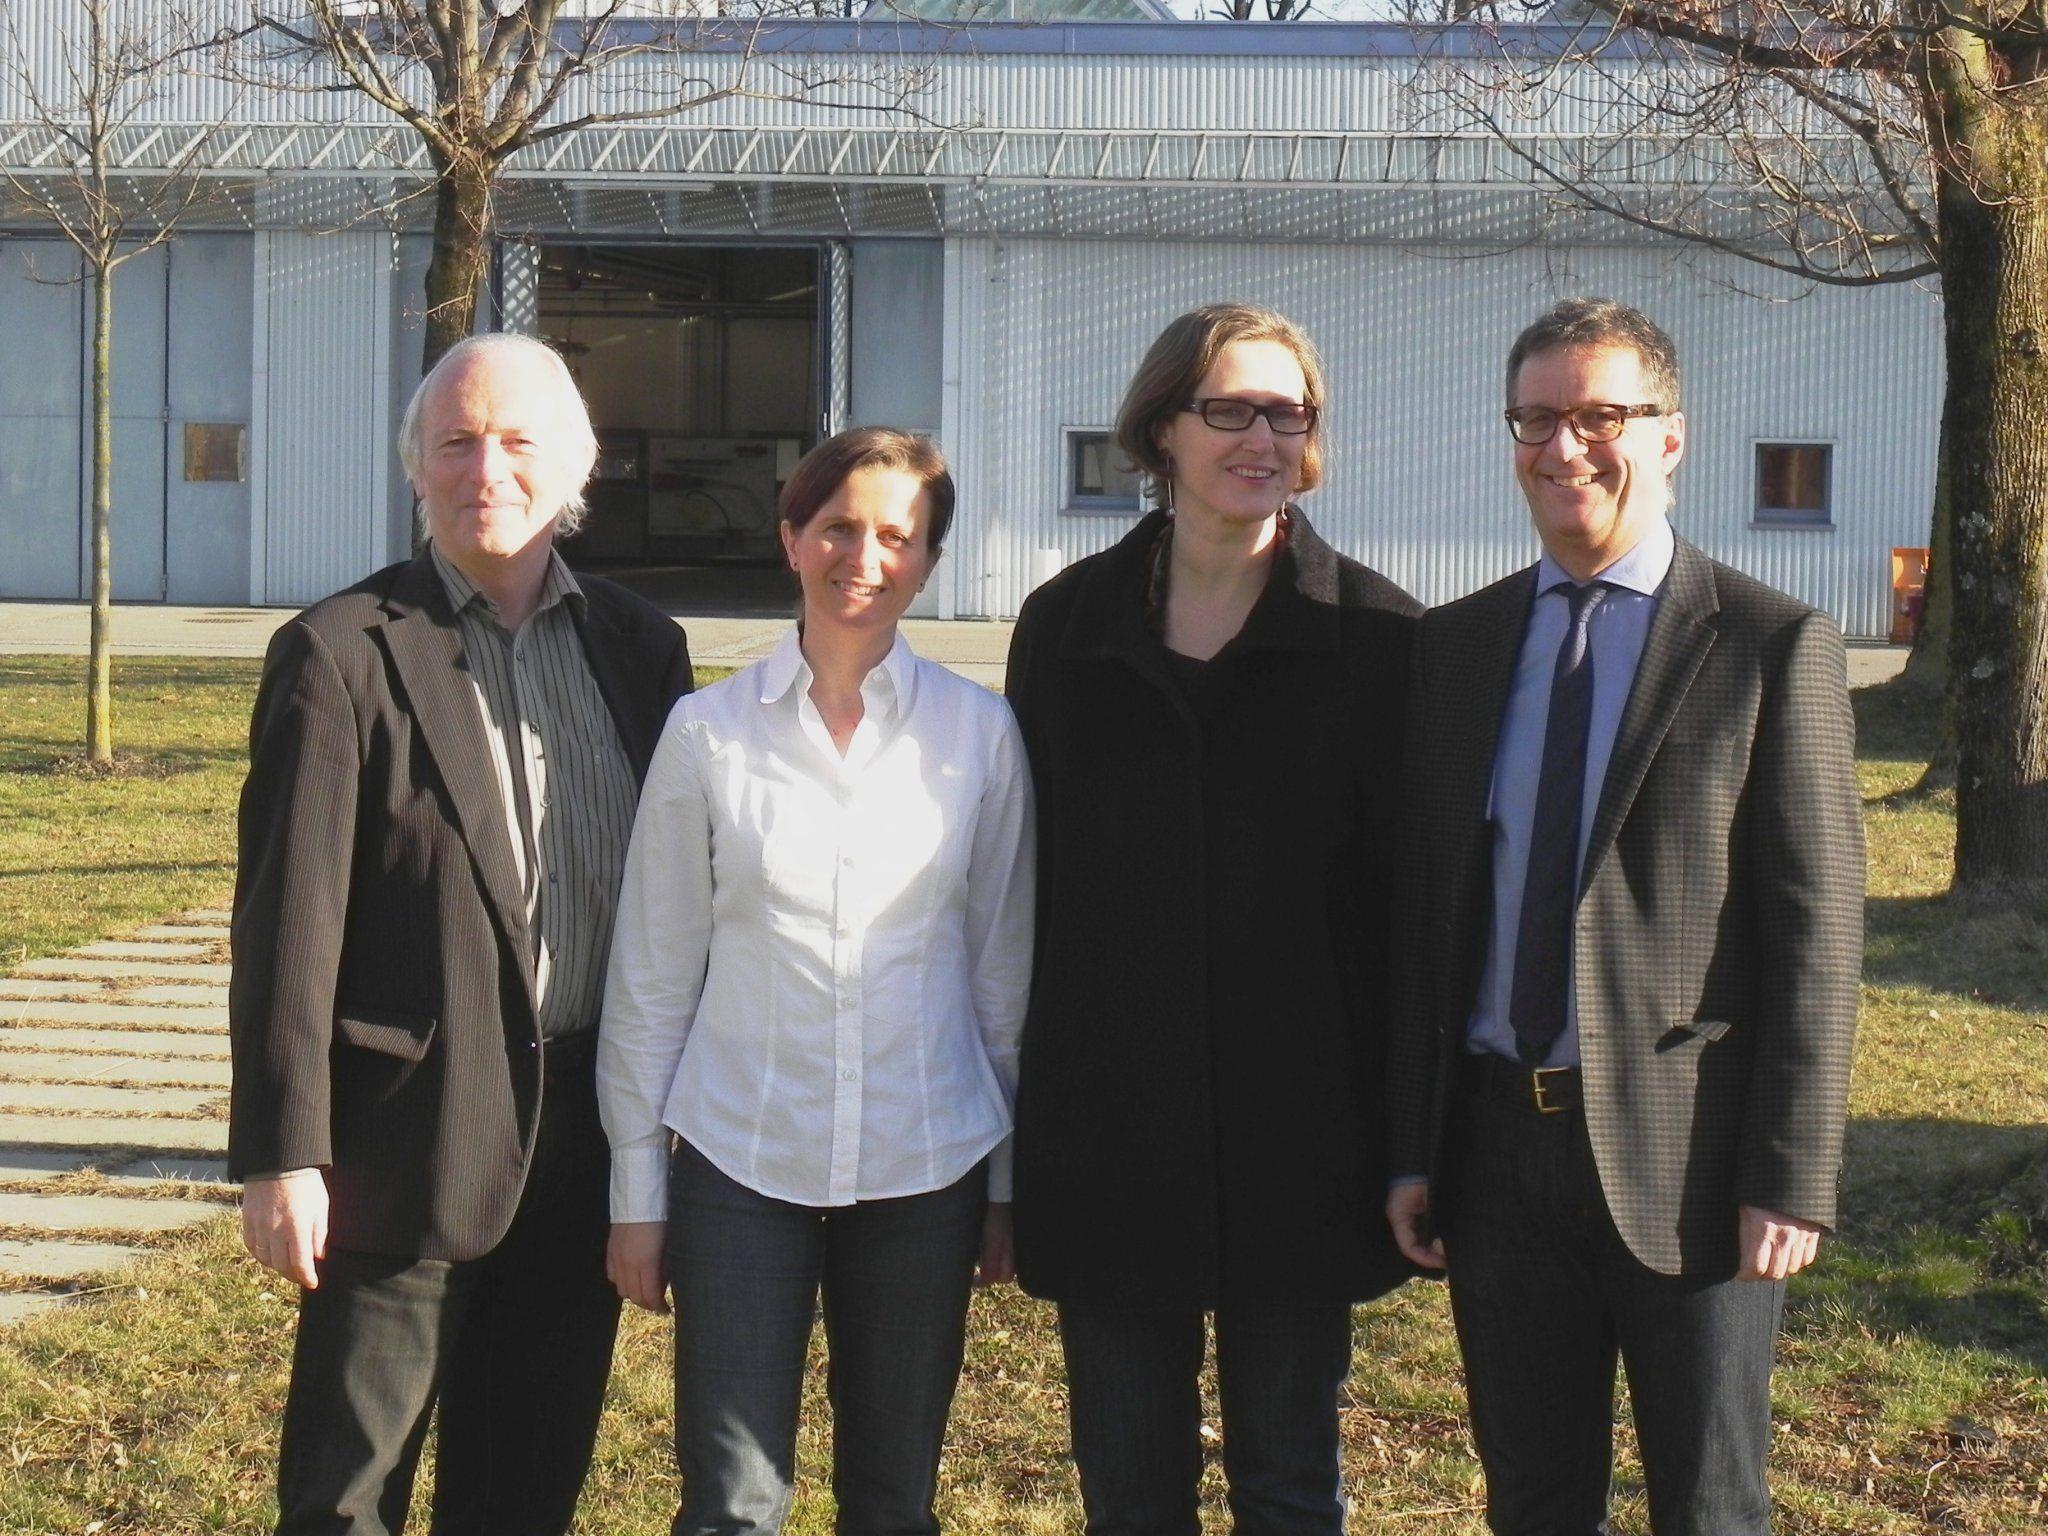 v.l.: Dr. Stefan Allgäuer, Isabel Meunier BA, Edith Breuss, Günther Watzenegger